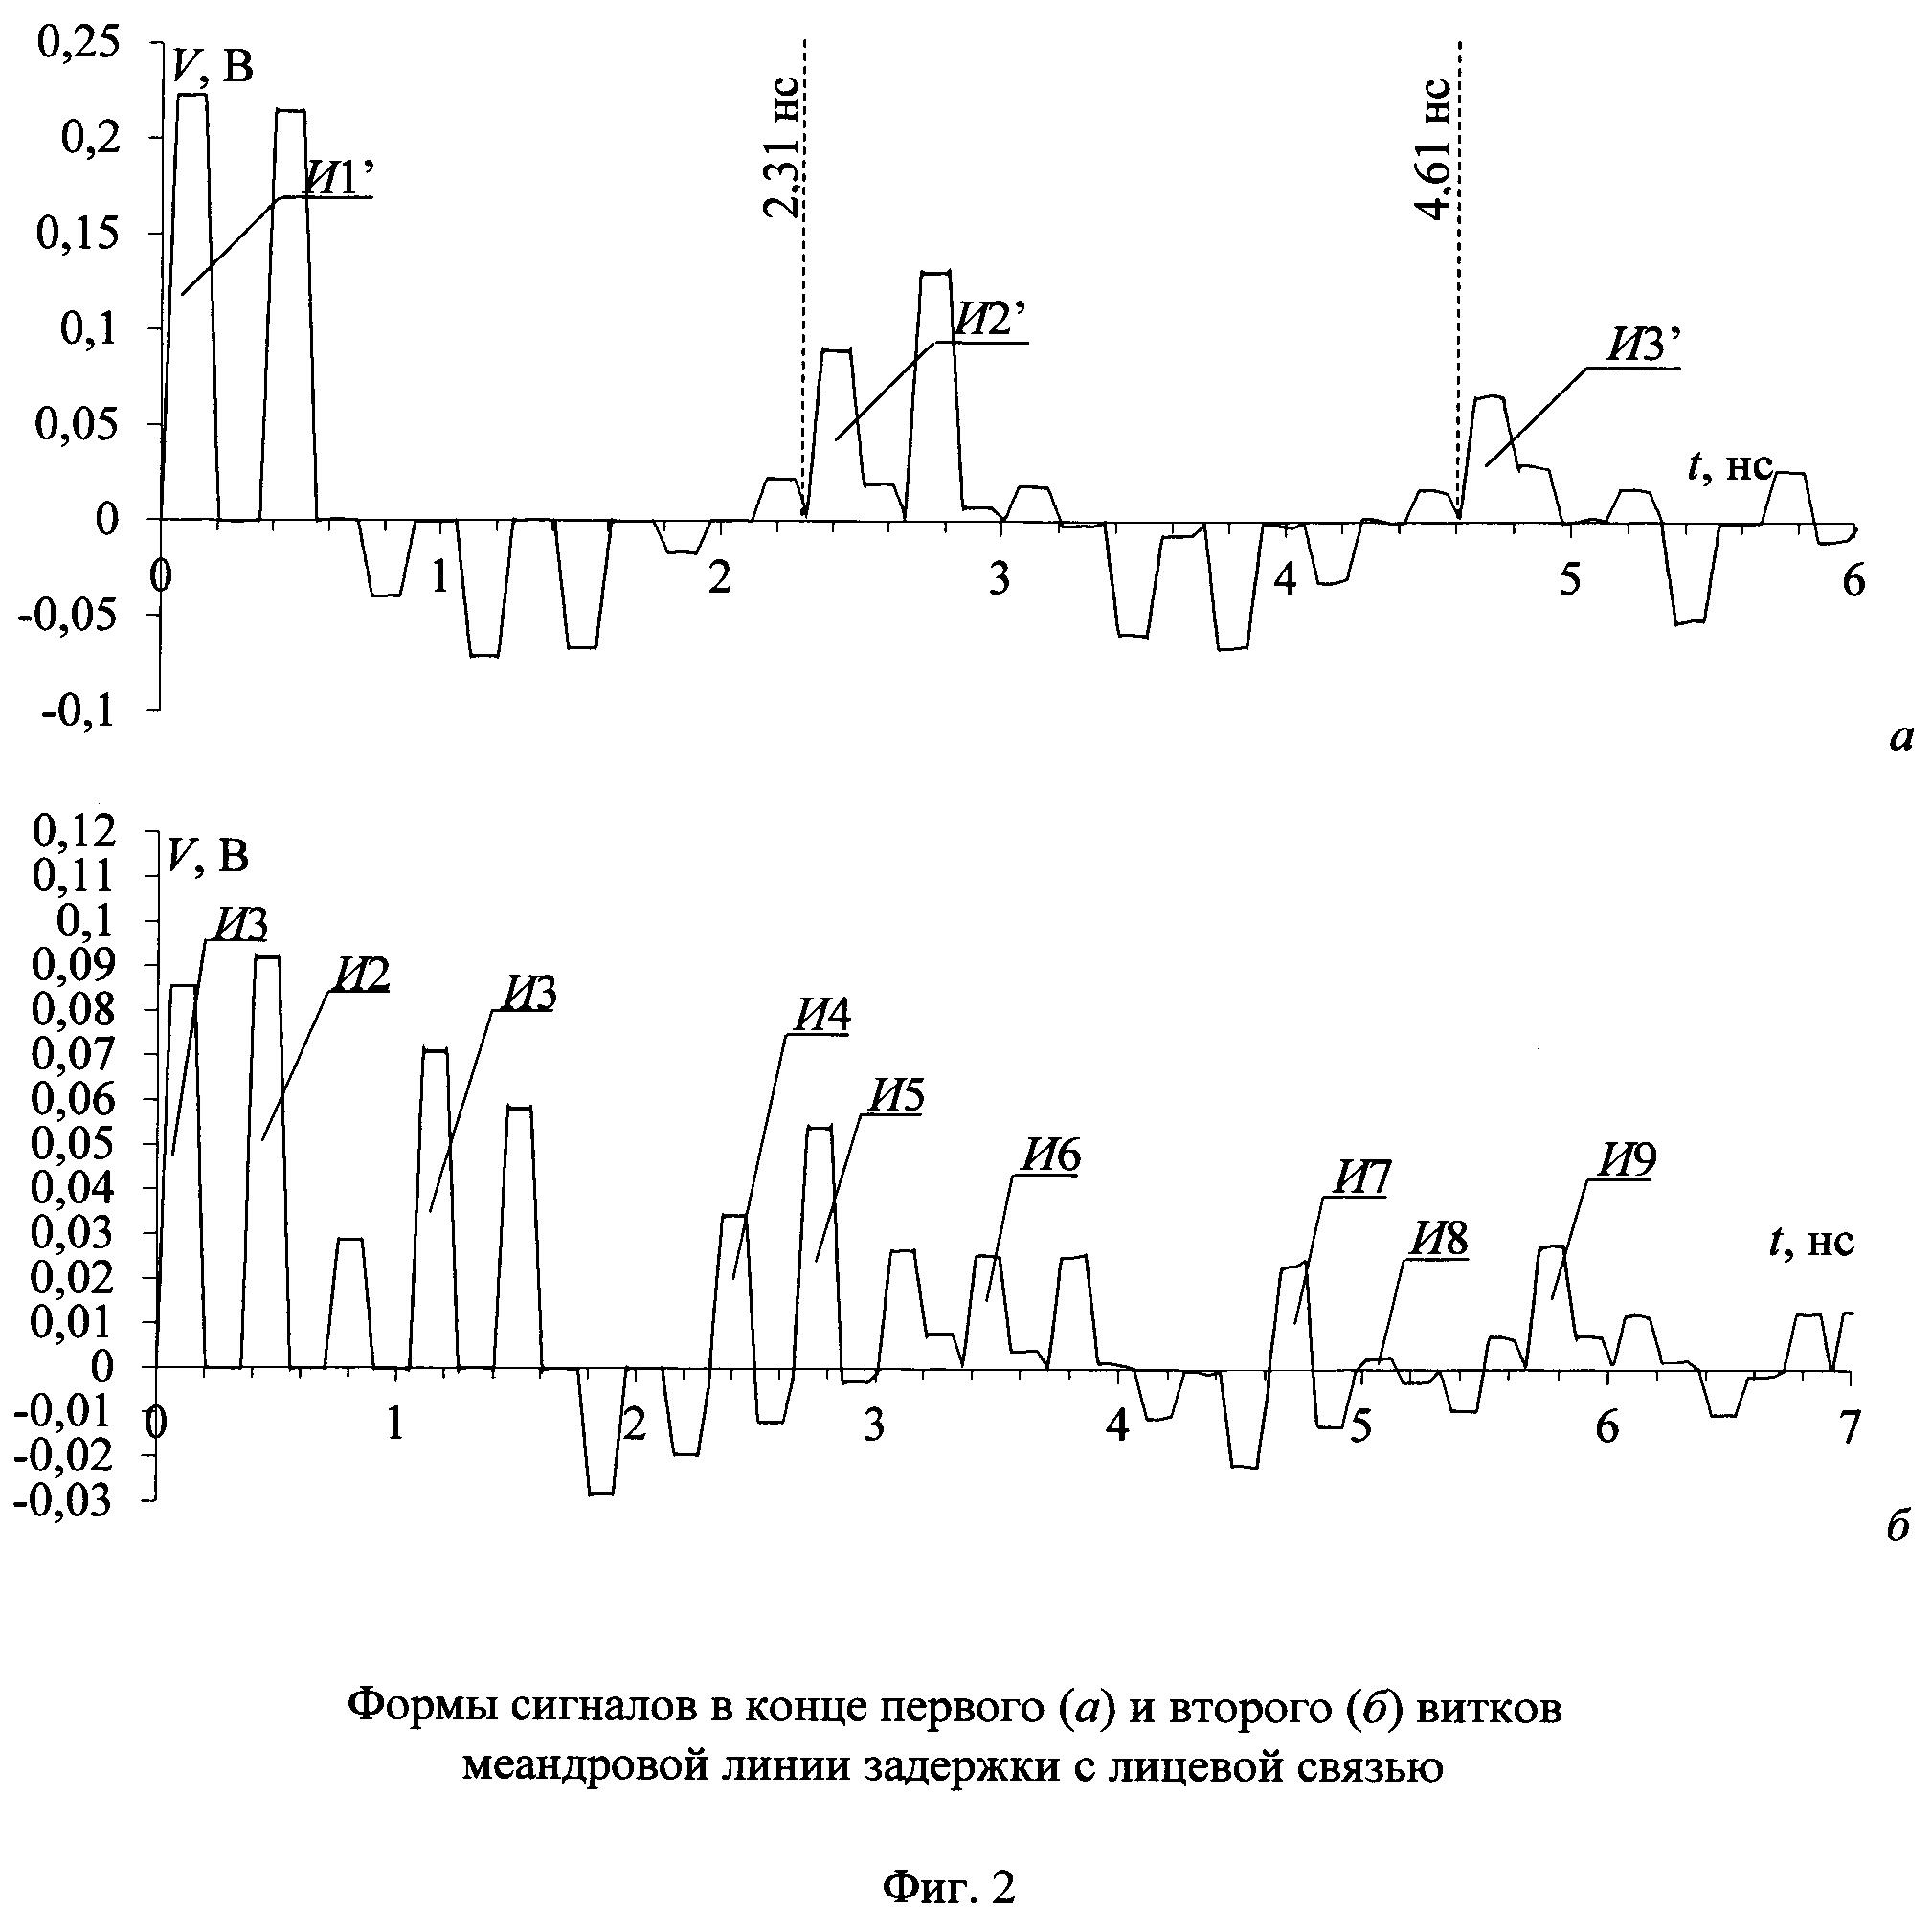 Меандровая линия задержки с лицевой связью из двух витков, защищающая от сверхкоротких импульсов